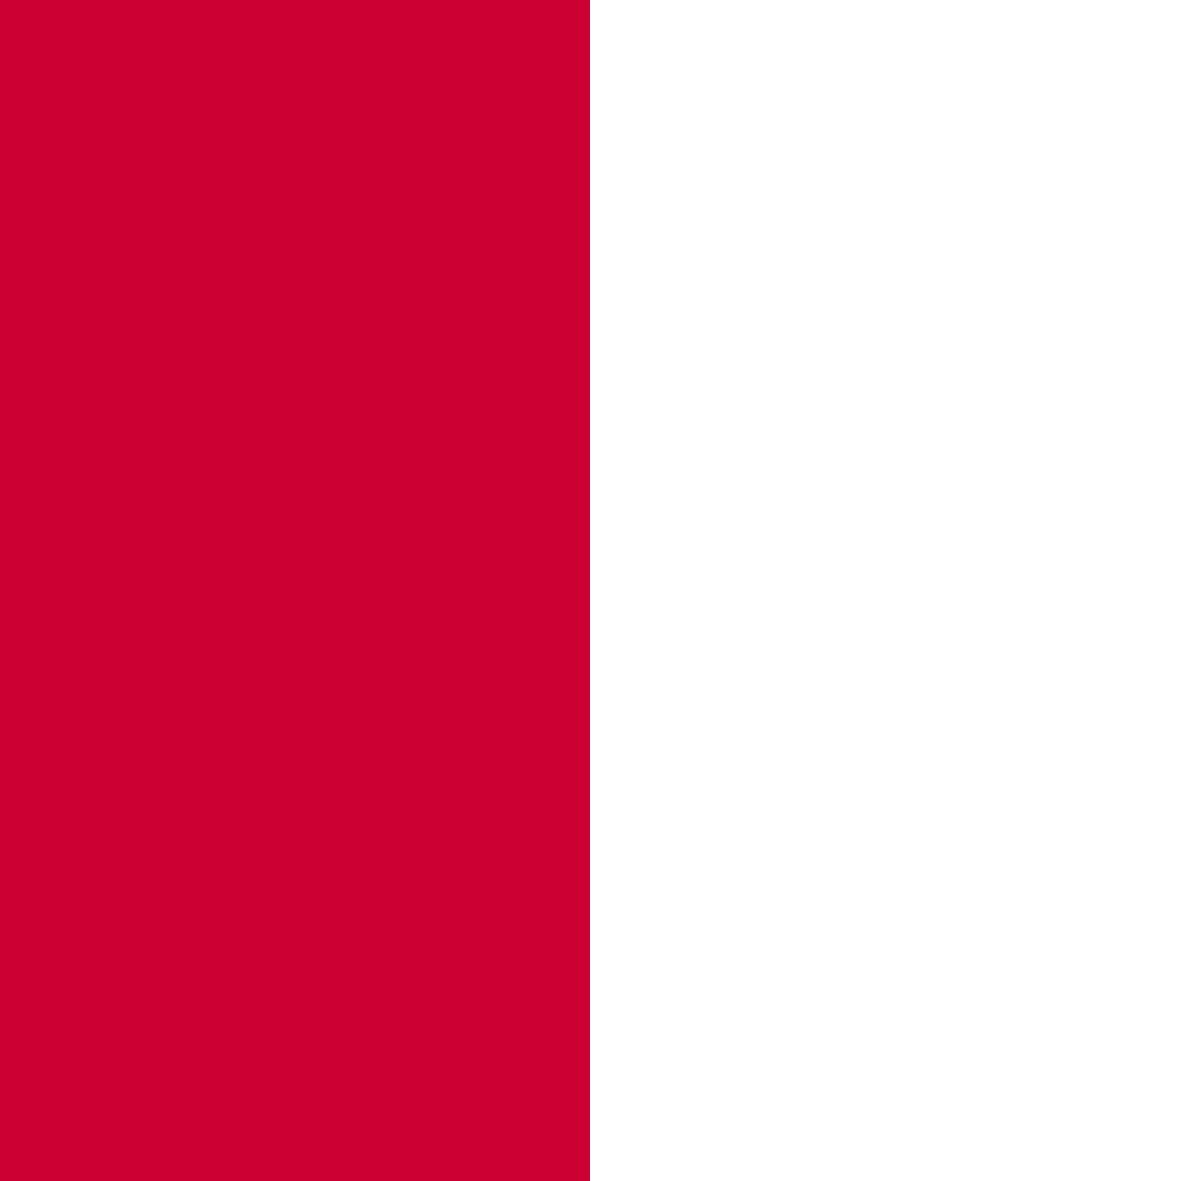 красный/белый_CC0033/FFFFFF